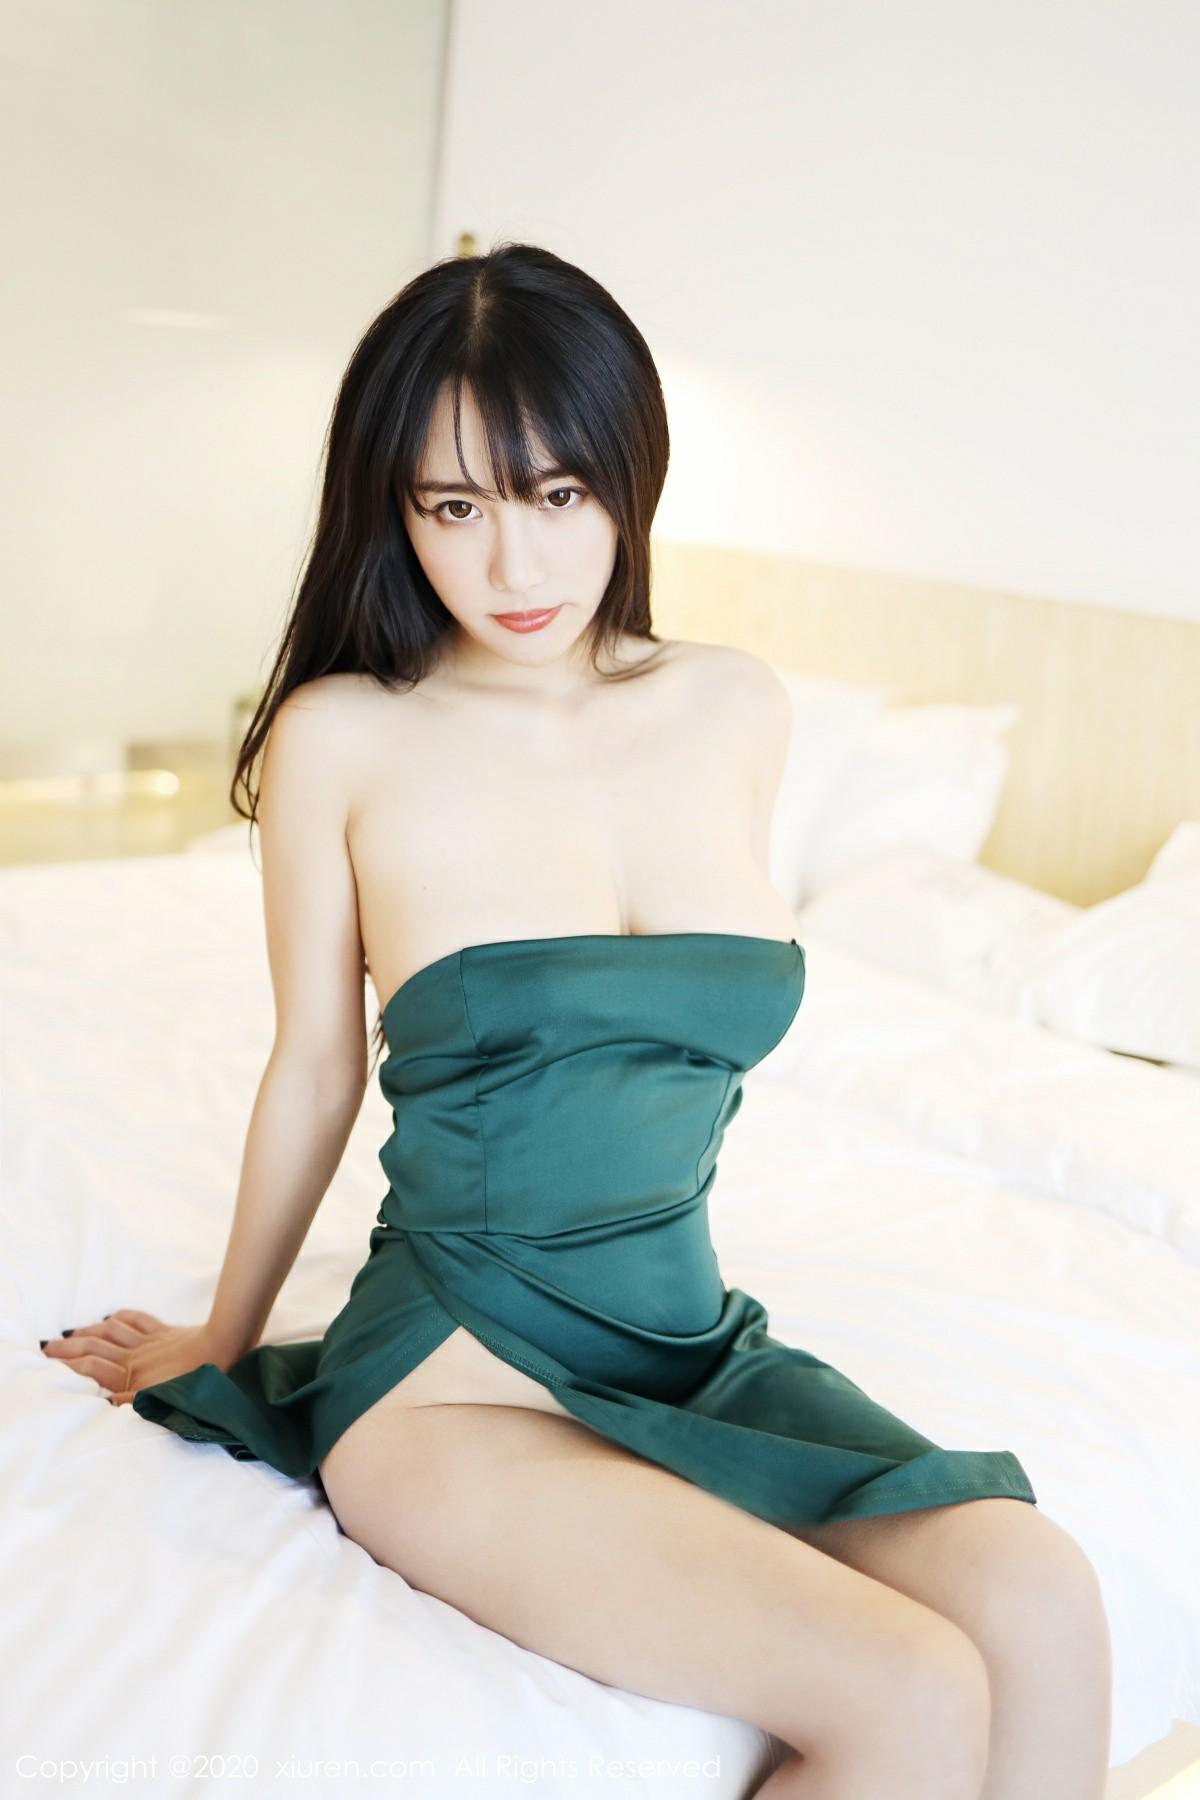 [XiuRen秀人网]2020.03.17 No.2067 陈茜妮zoe[40P] 秀人网 第3张